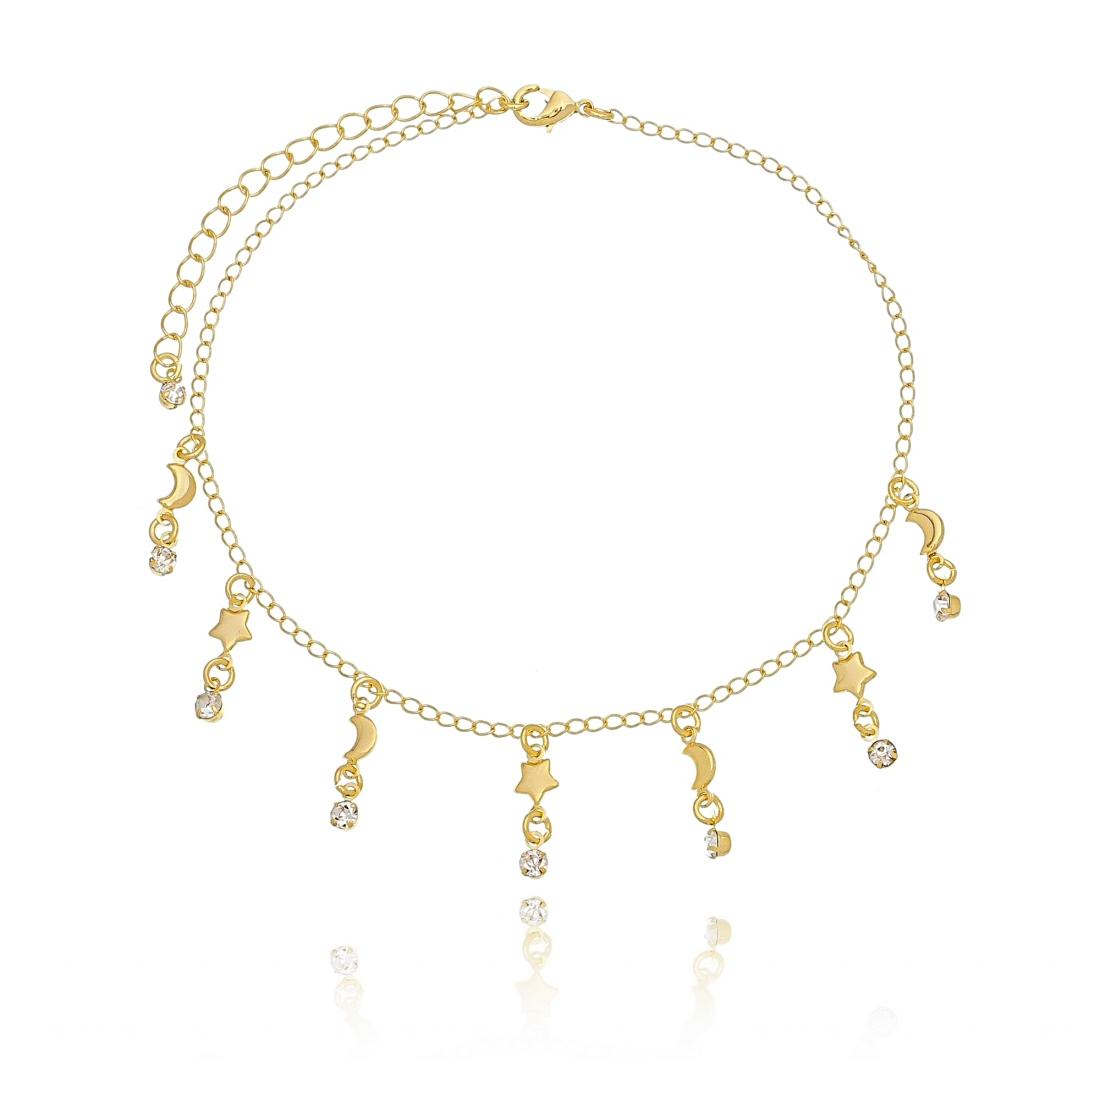 Tornozeleira de Zircônia Branca com Estrelas e Lua em Ouro 18K  - Soloyou